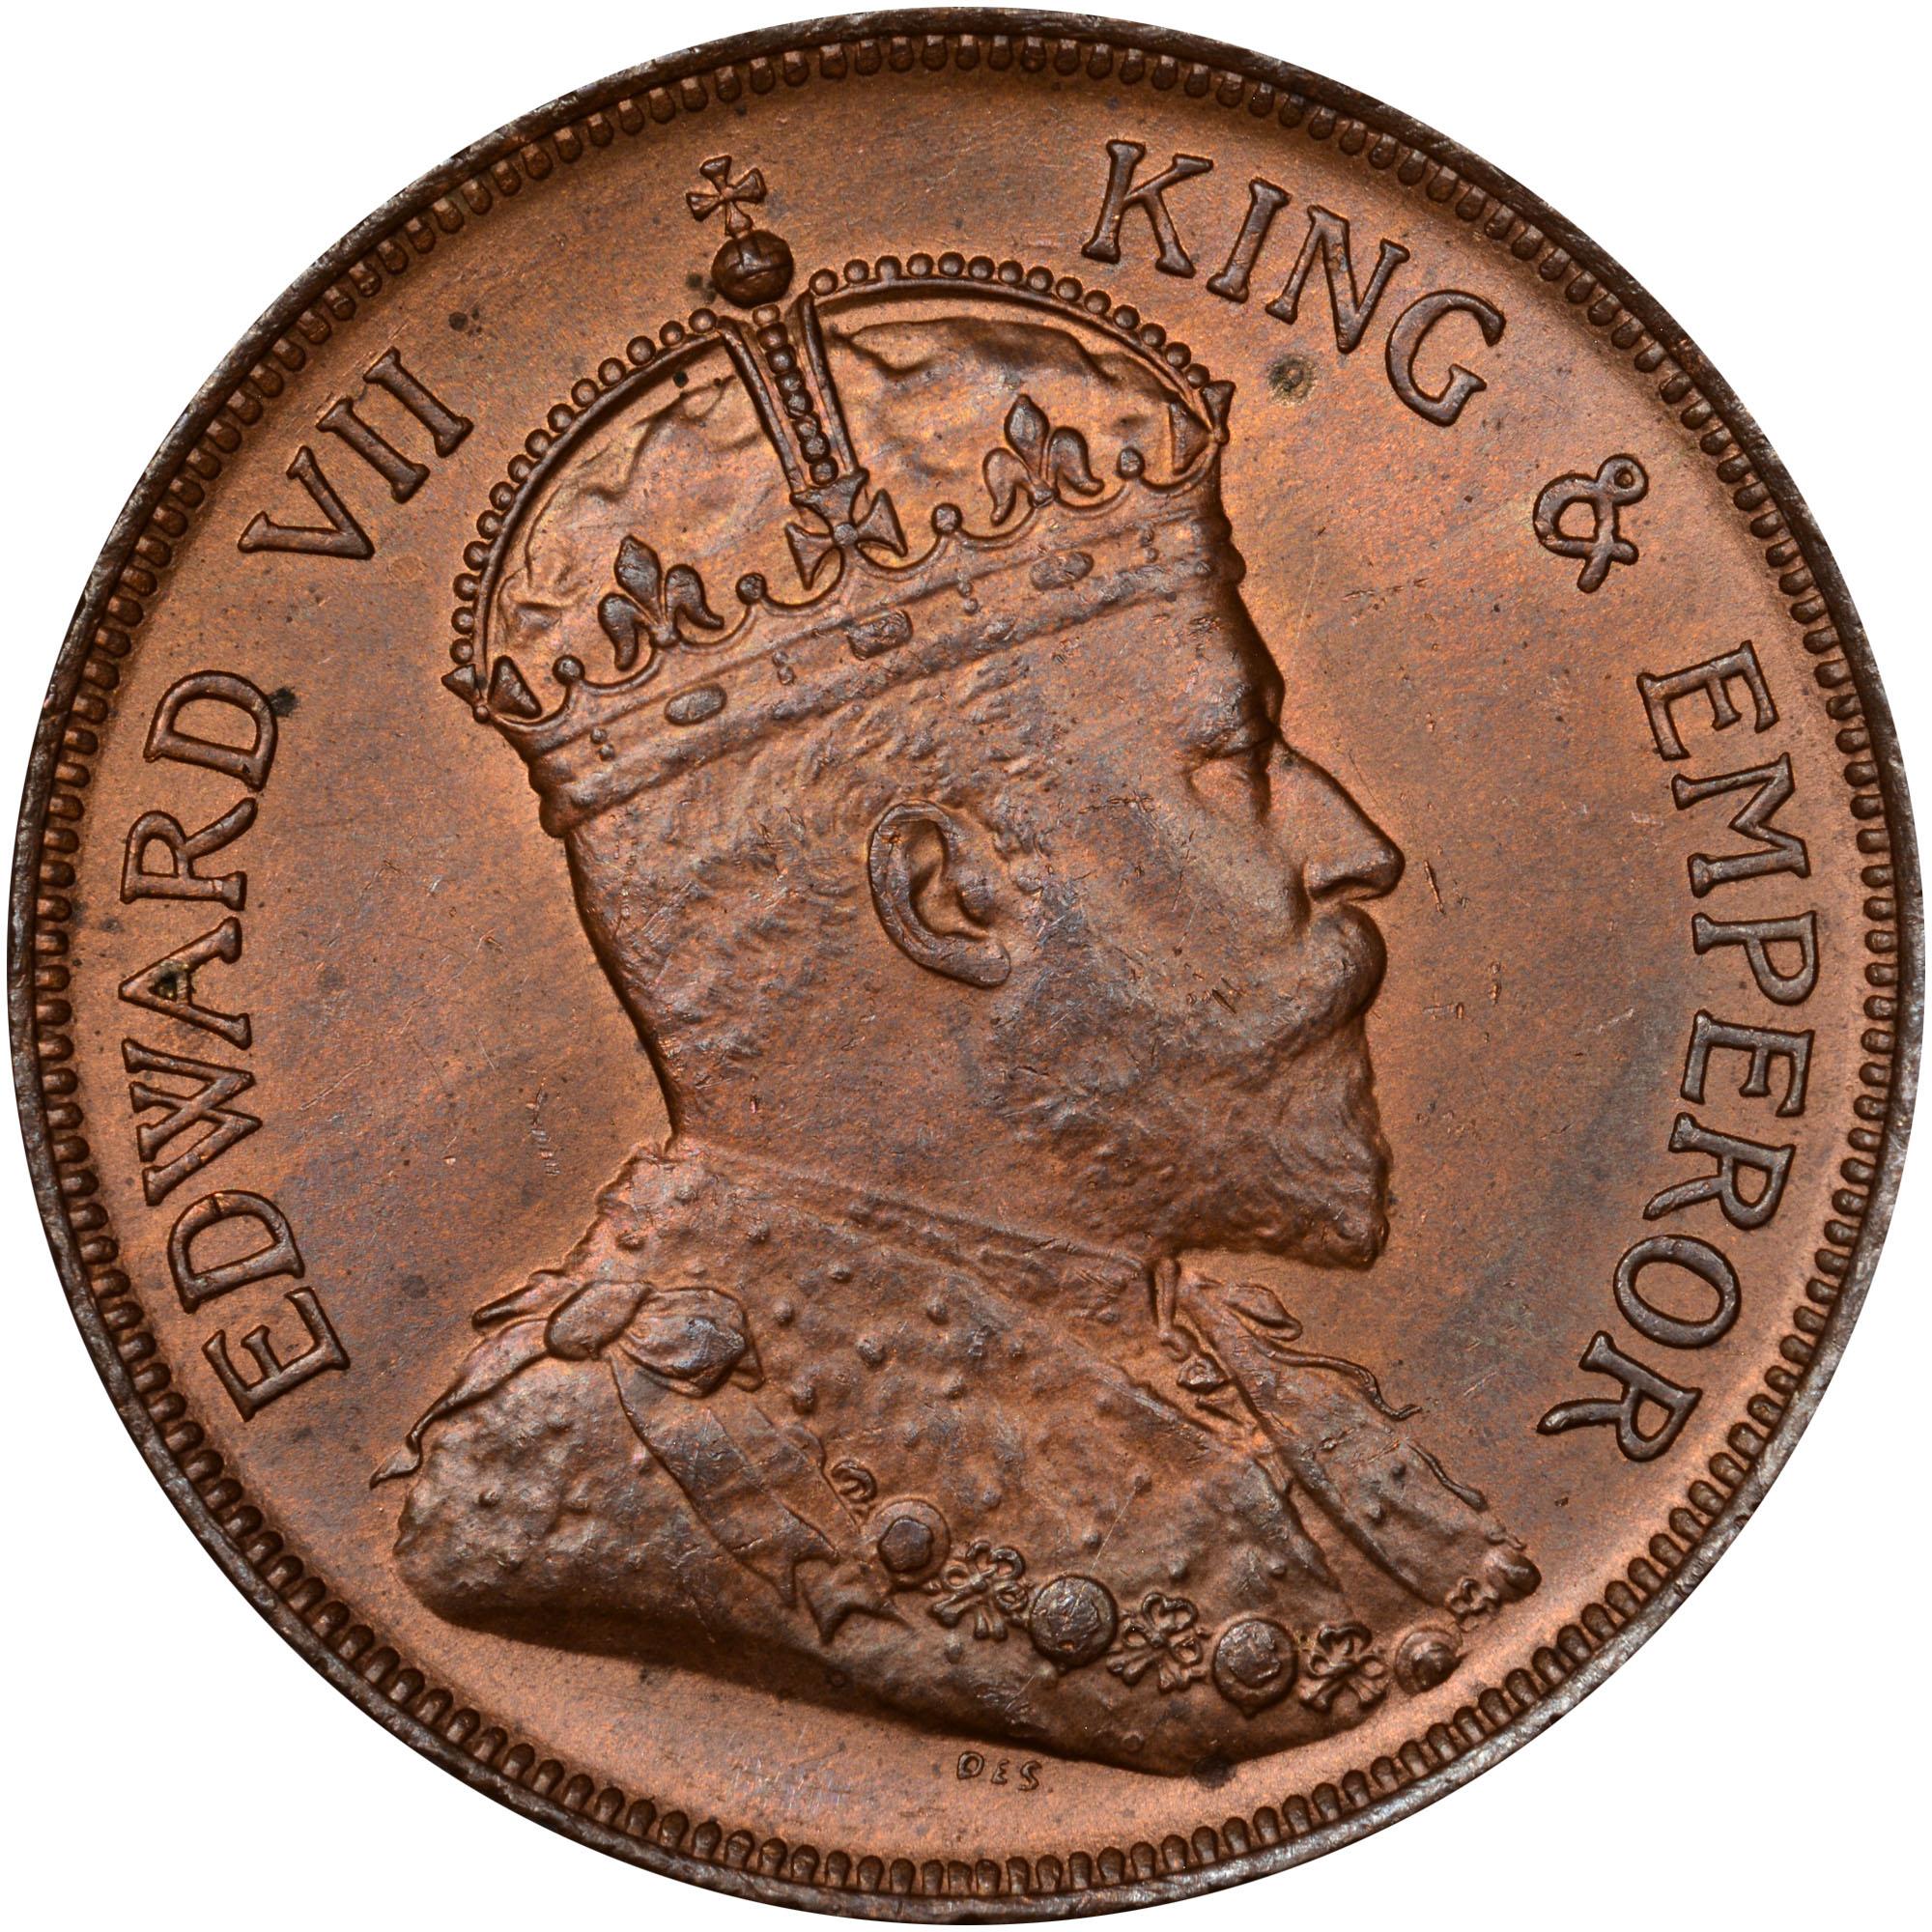 1904-1909 British Honduras Cent obverse